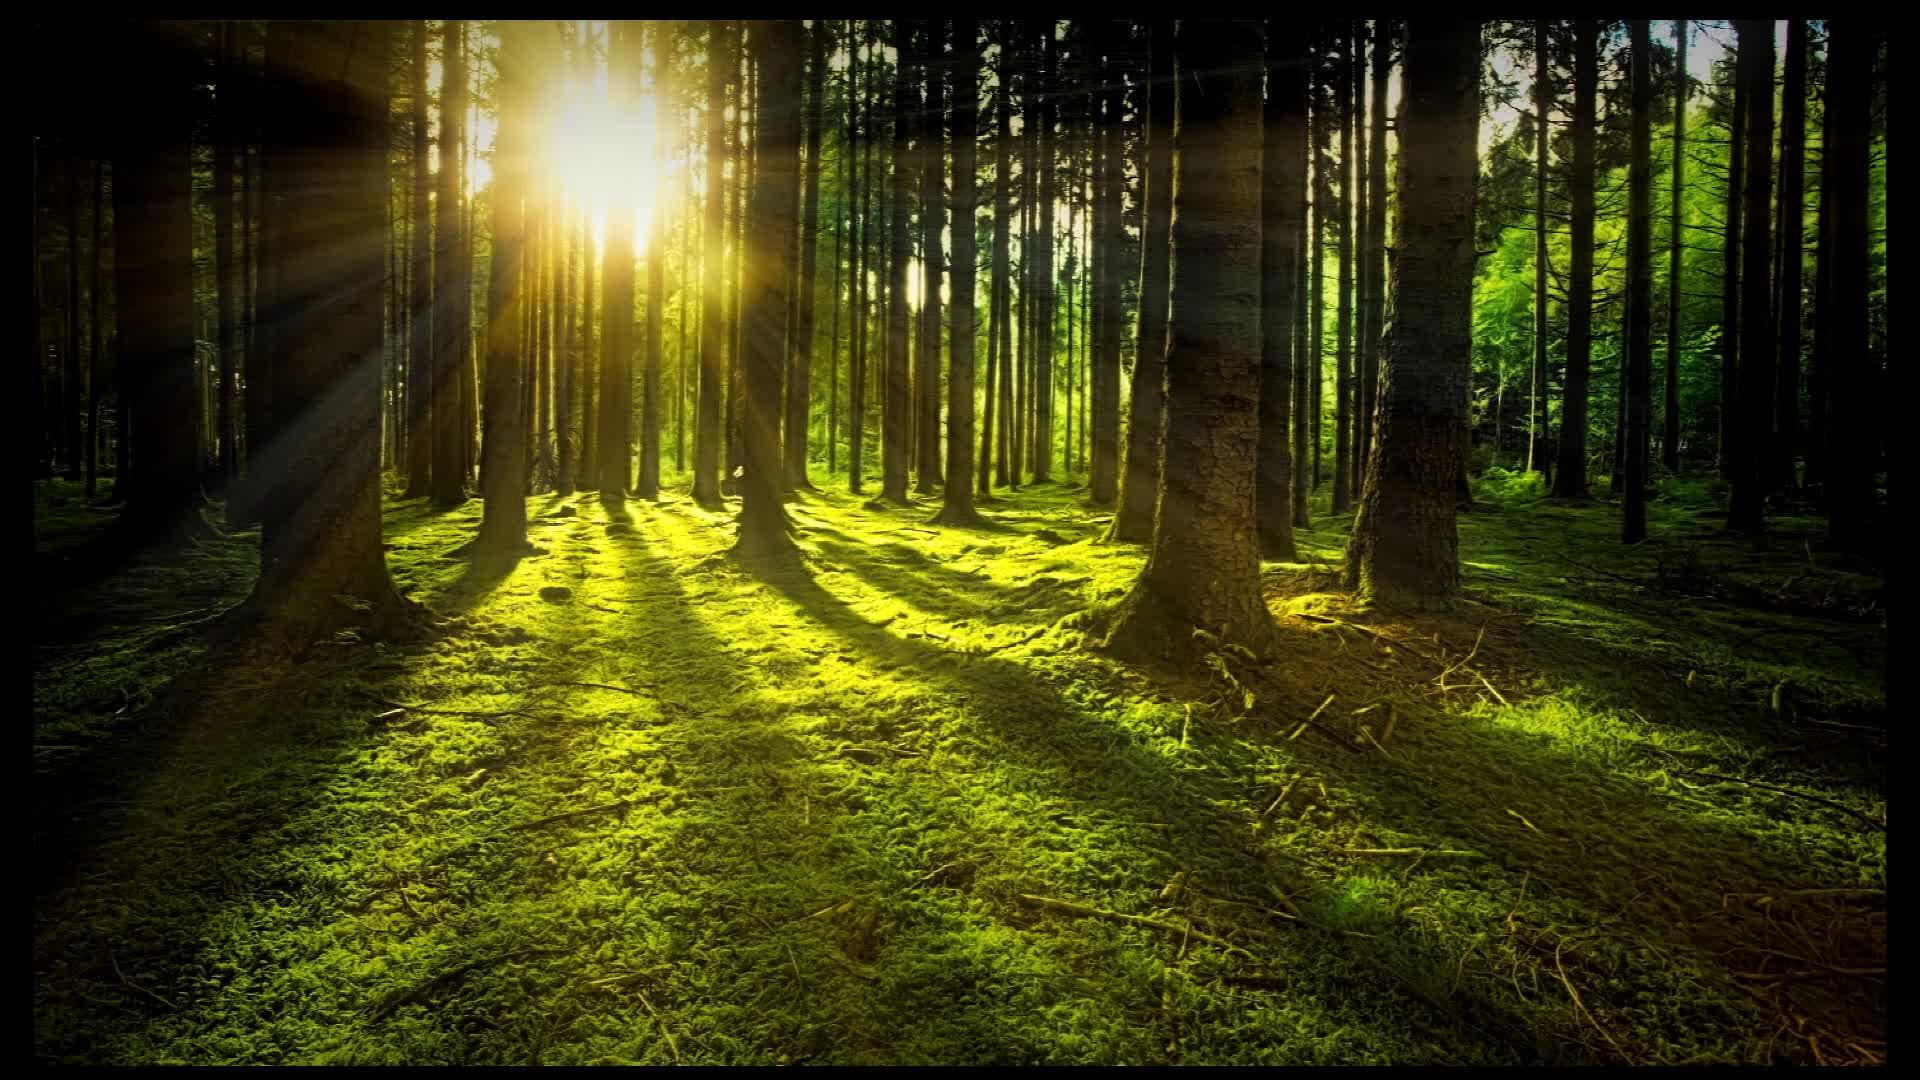 实拍唯美日光下树林视频素材